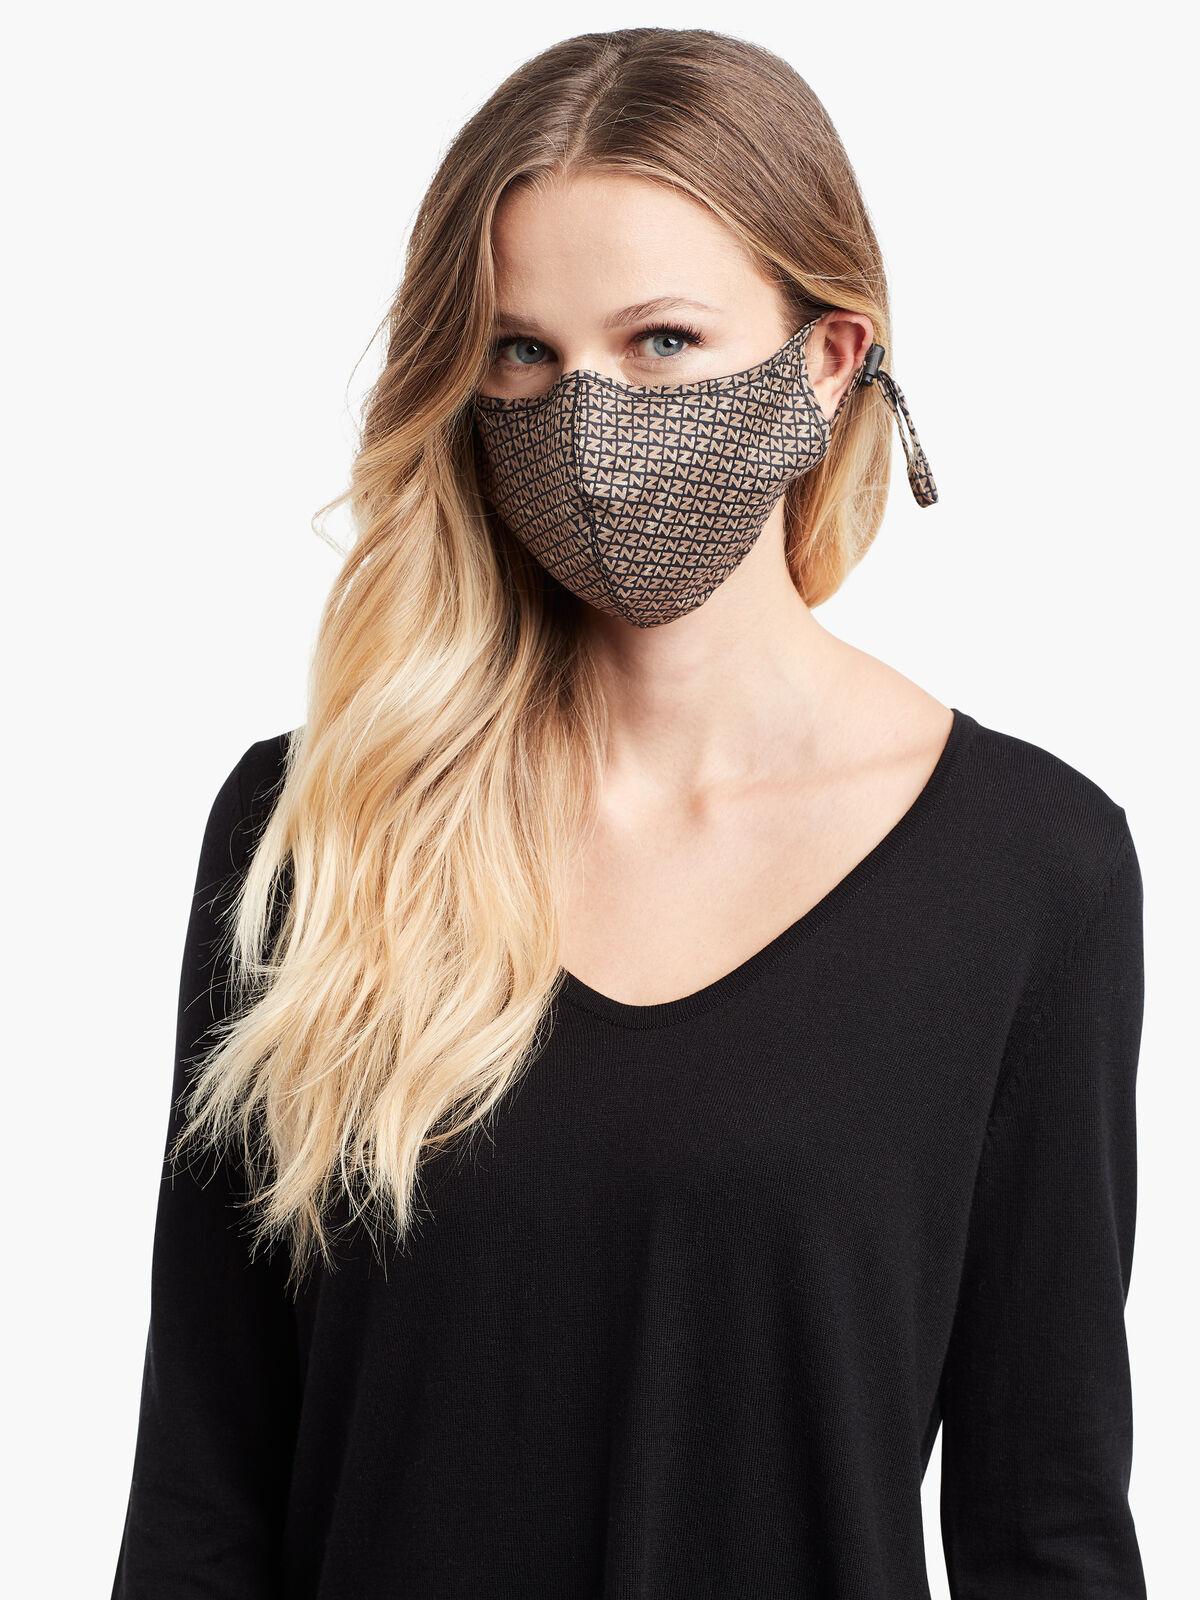 NZ Face Mask